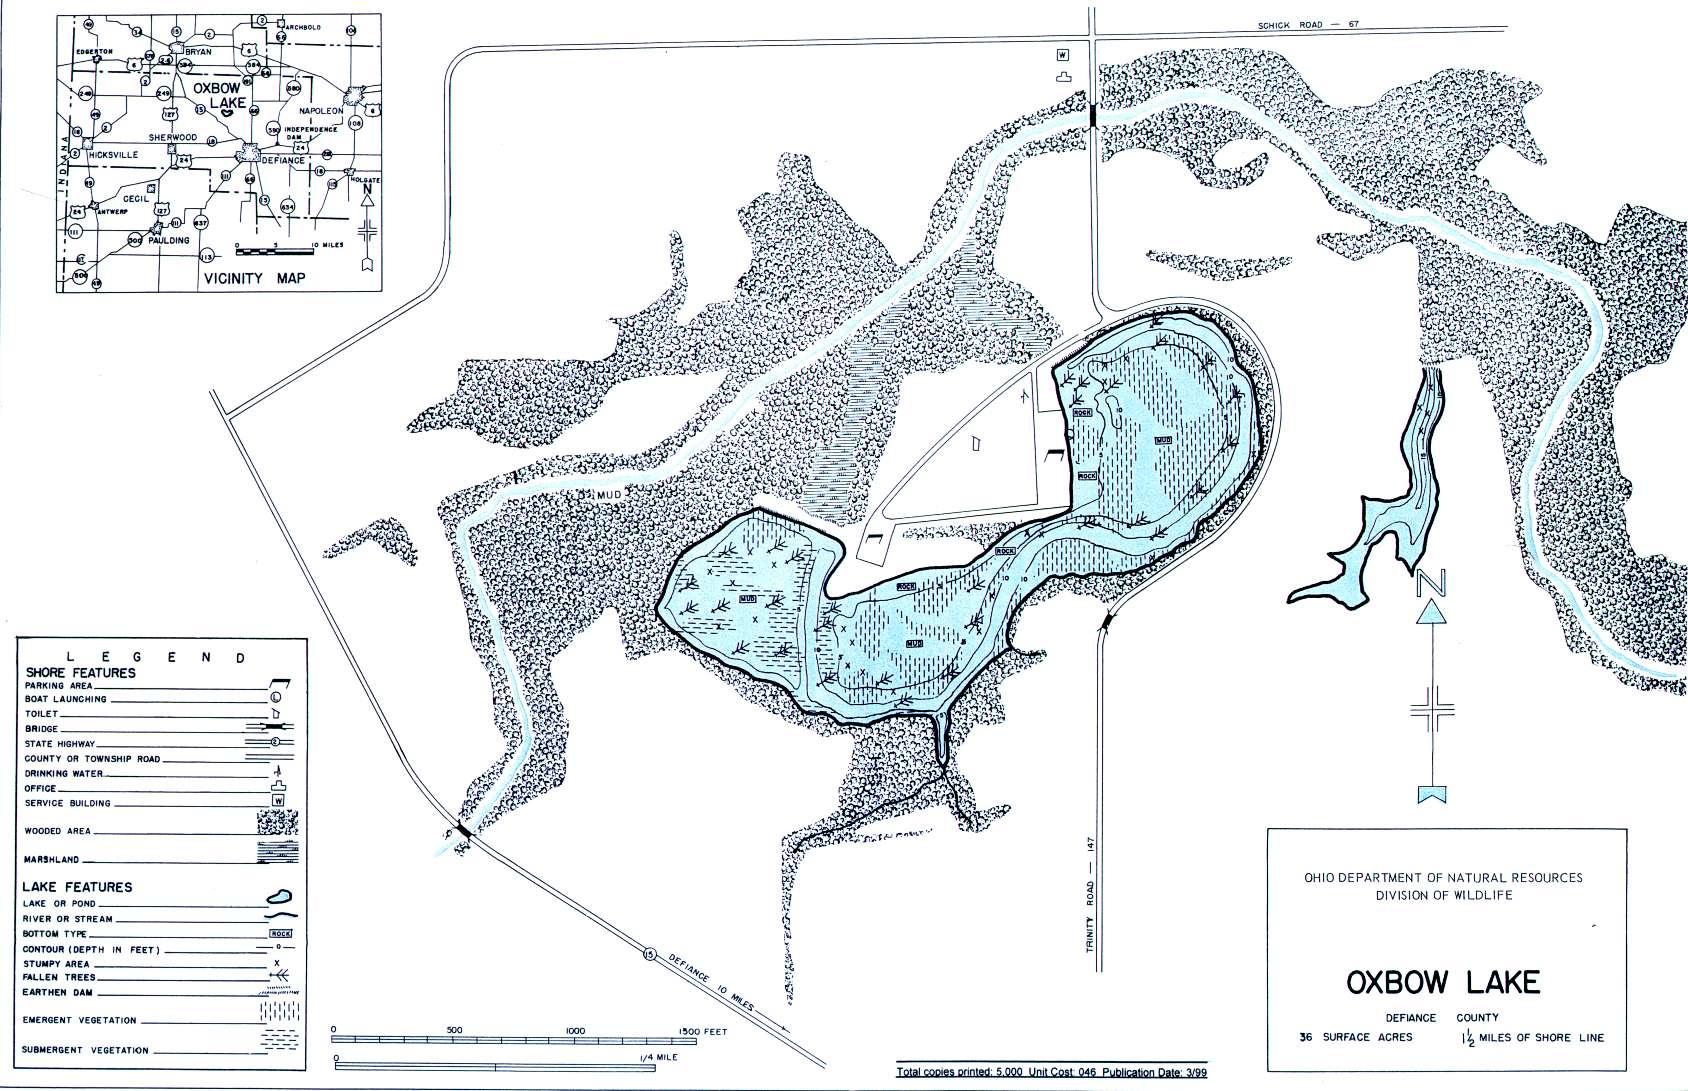 Oxbow Lake Fishing Map - GoFishOhio